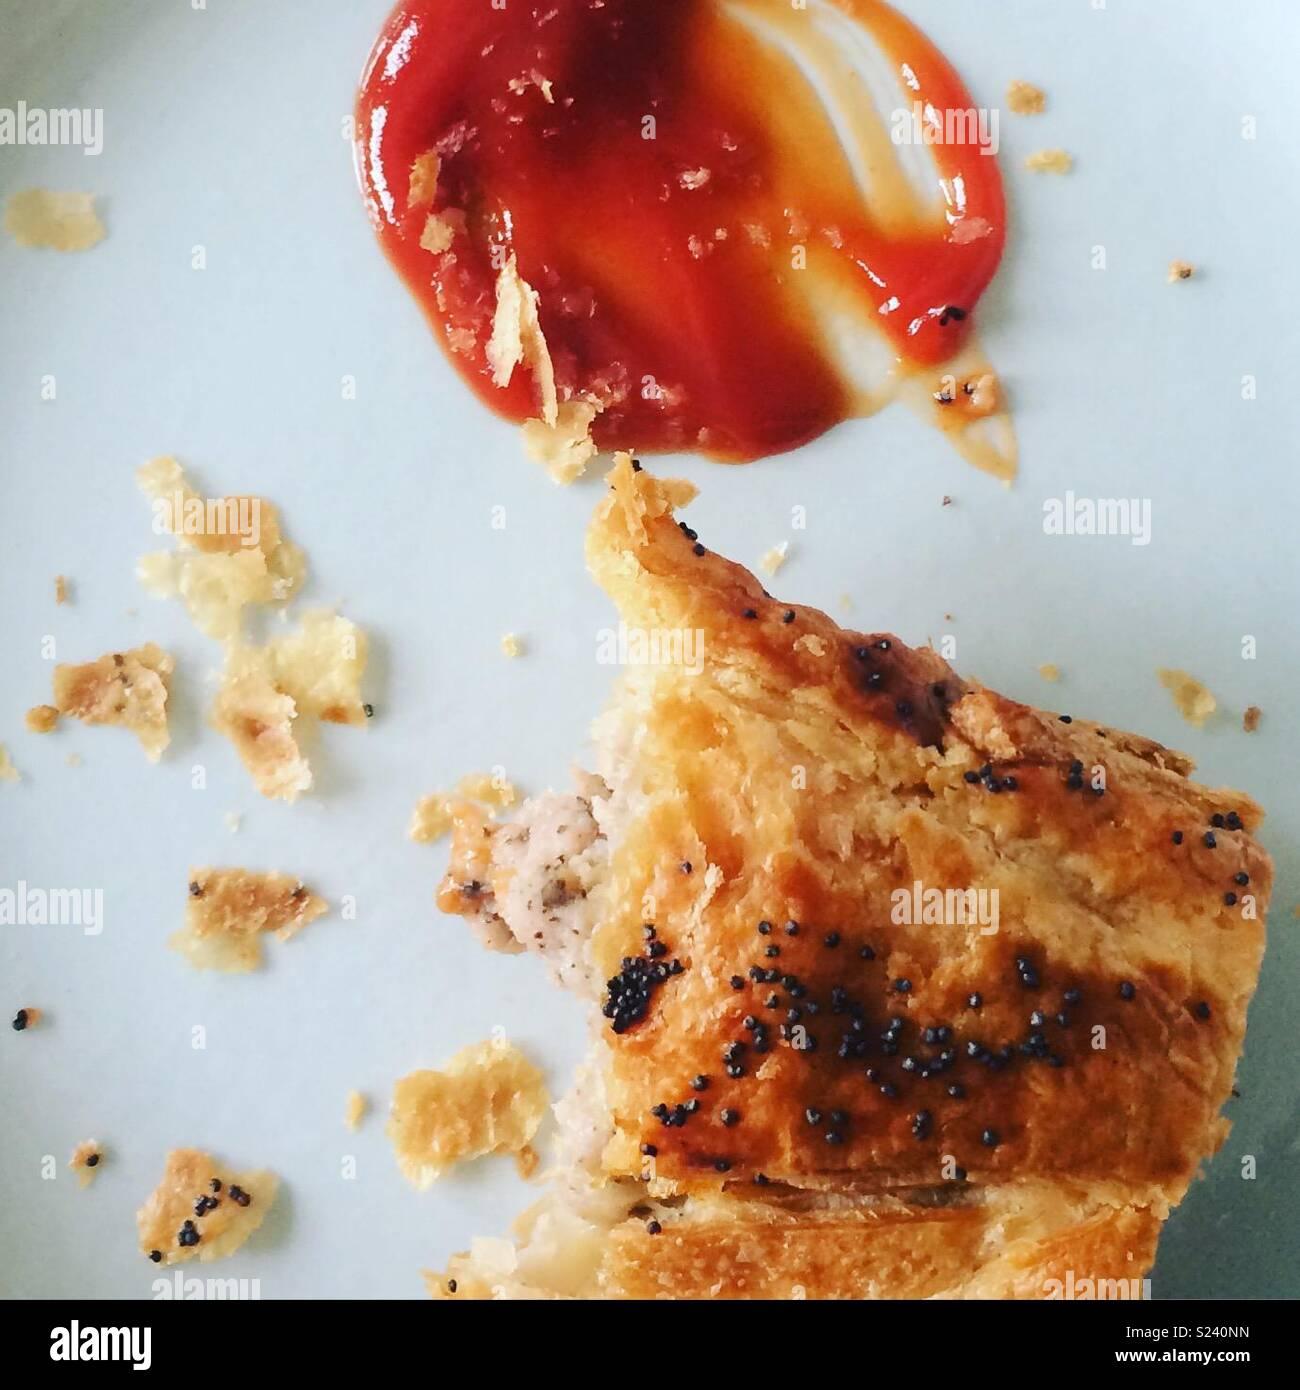 Posh rollo de salchichas y ketchup. A mitad de camino de ser comido. Imagen De Stock